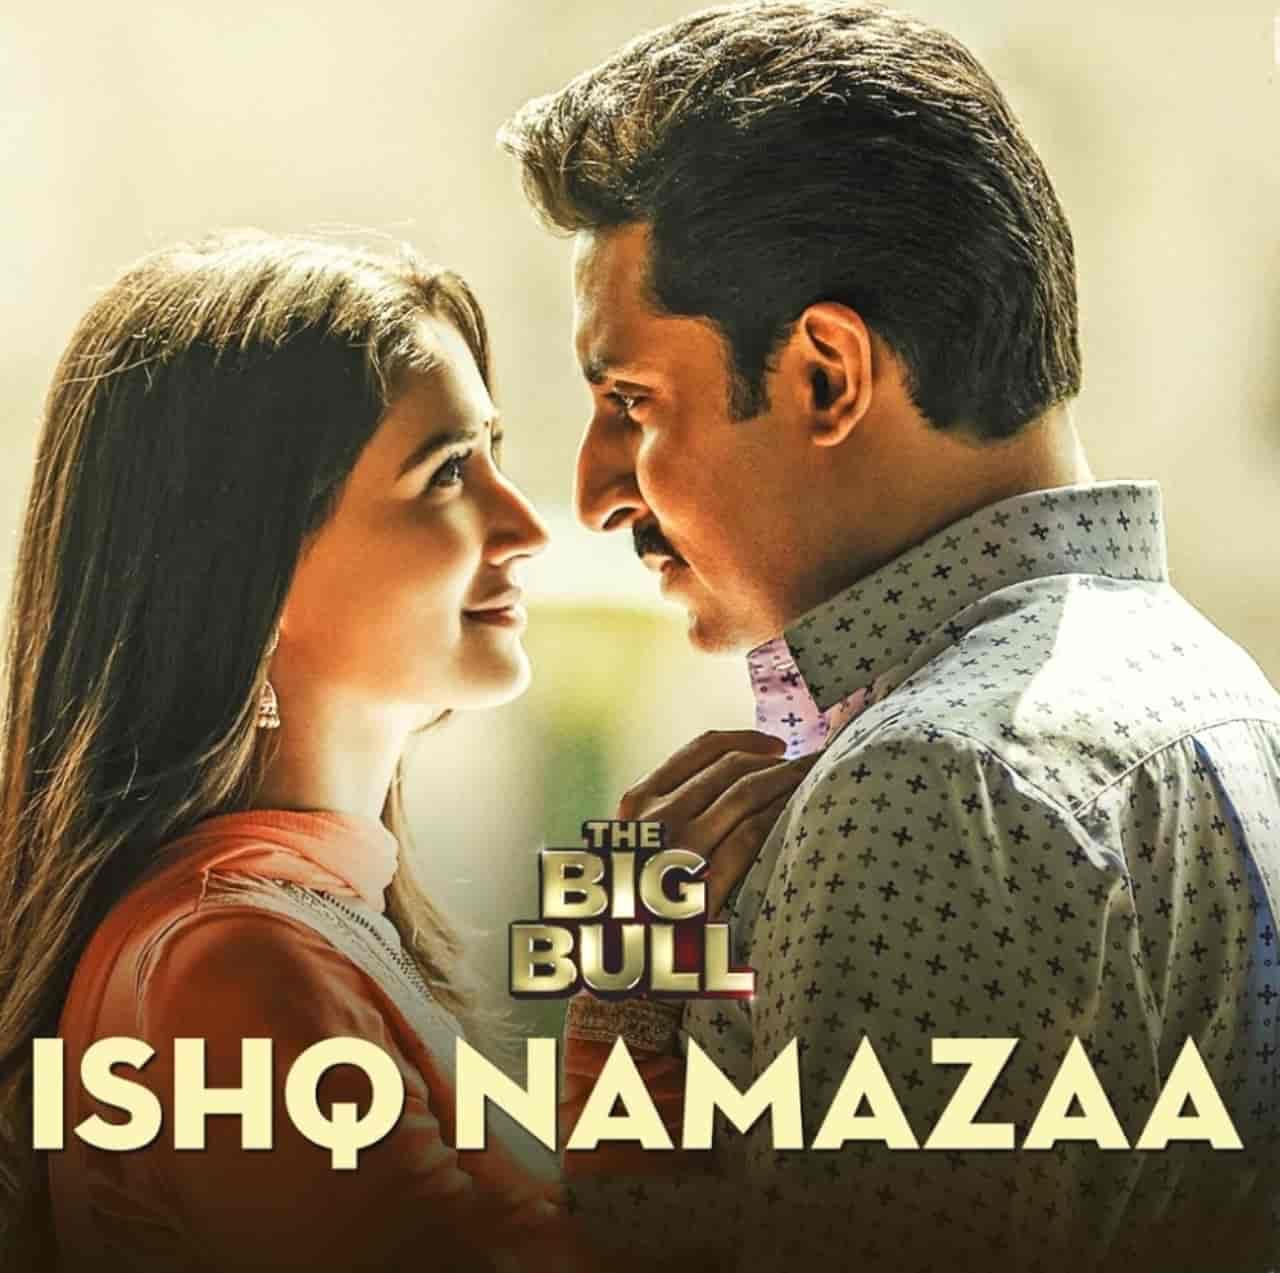 Ishq Namazaa Song Lyrics The Big Bull